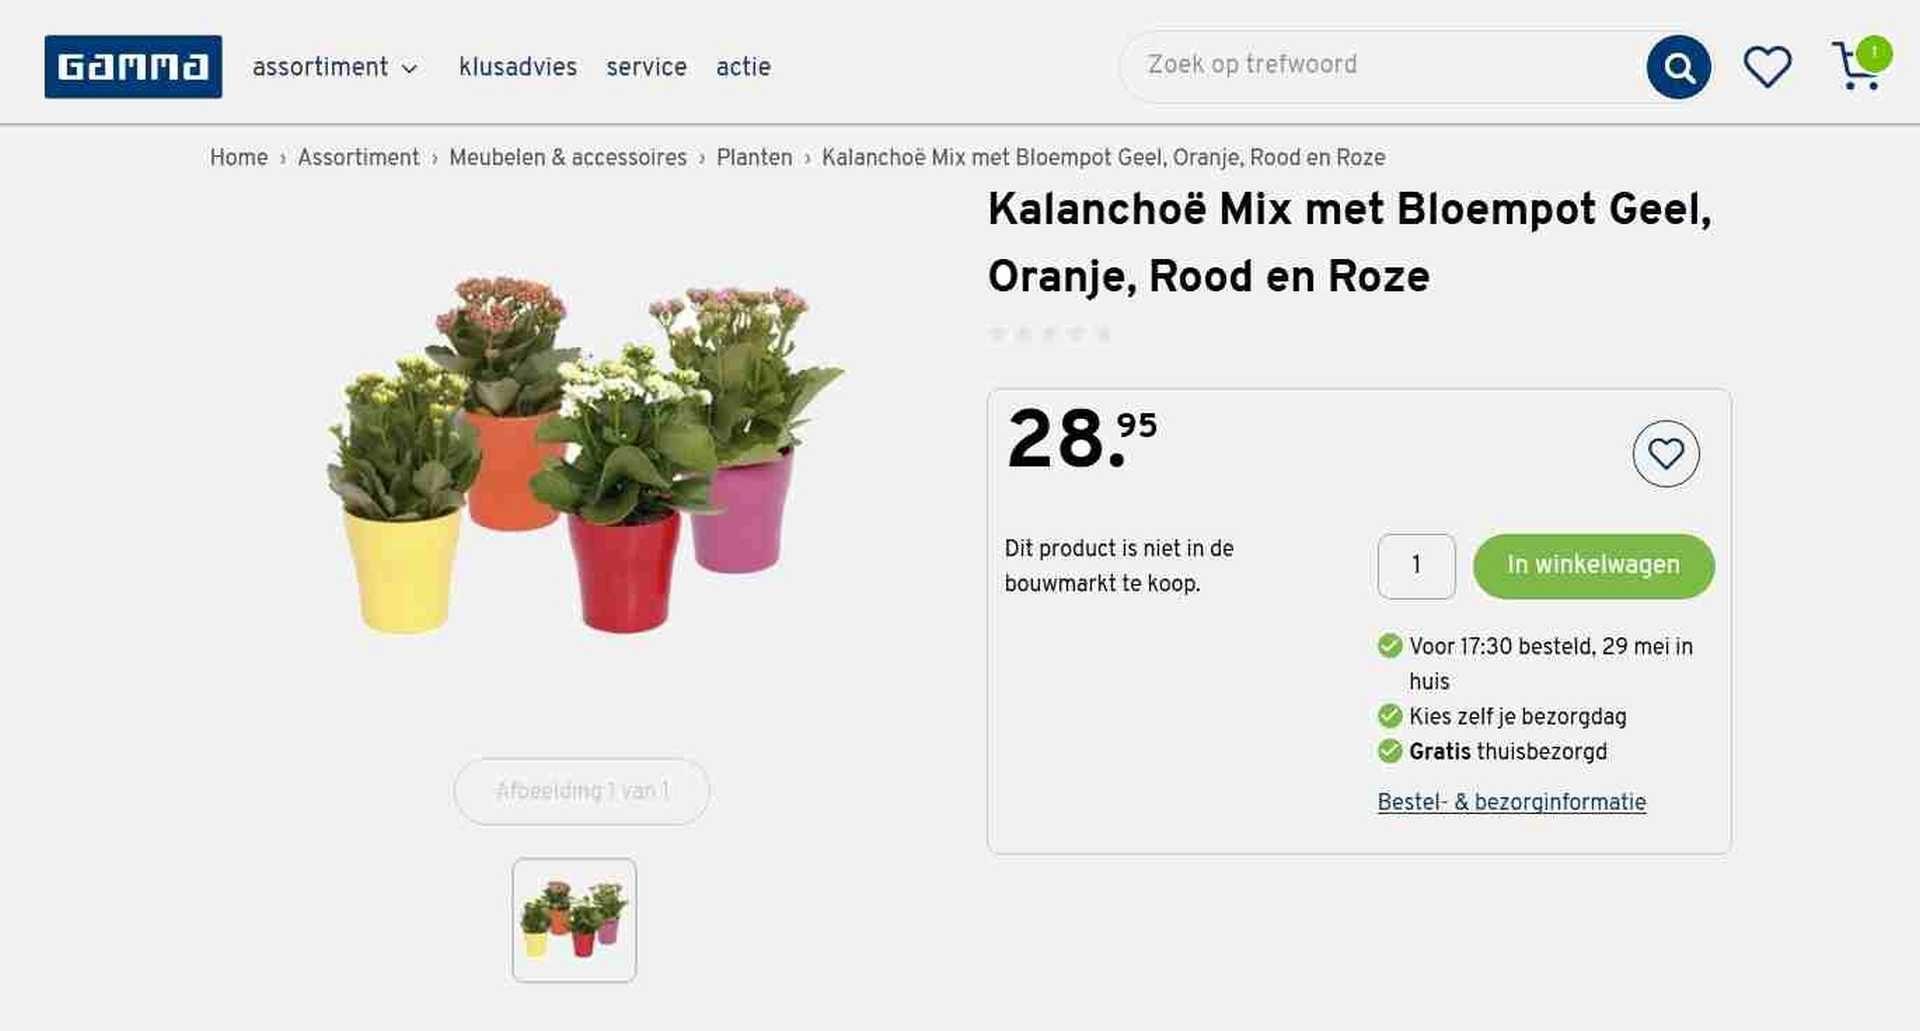 gamma bouwmarkt planten hoge prijs, duur